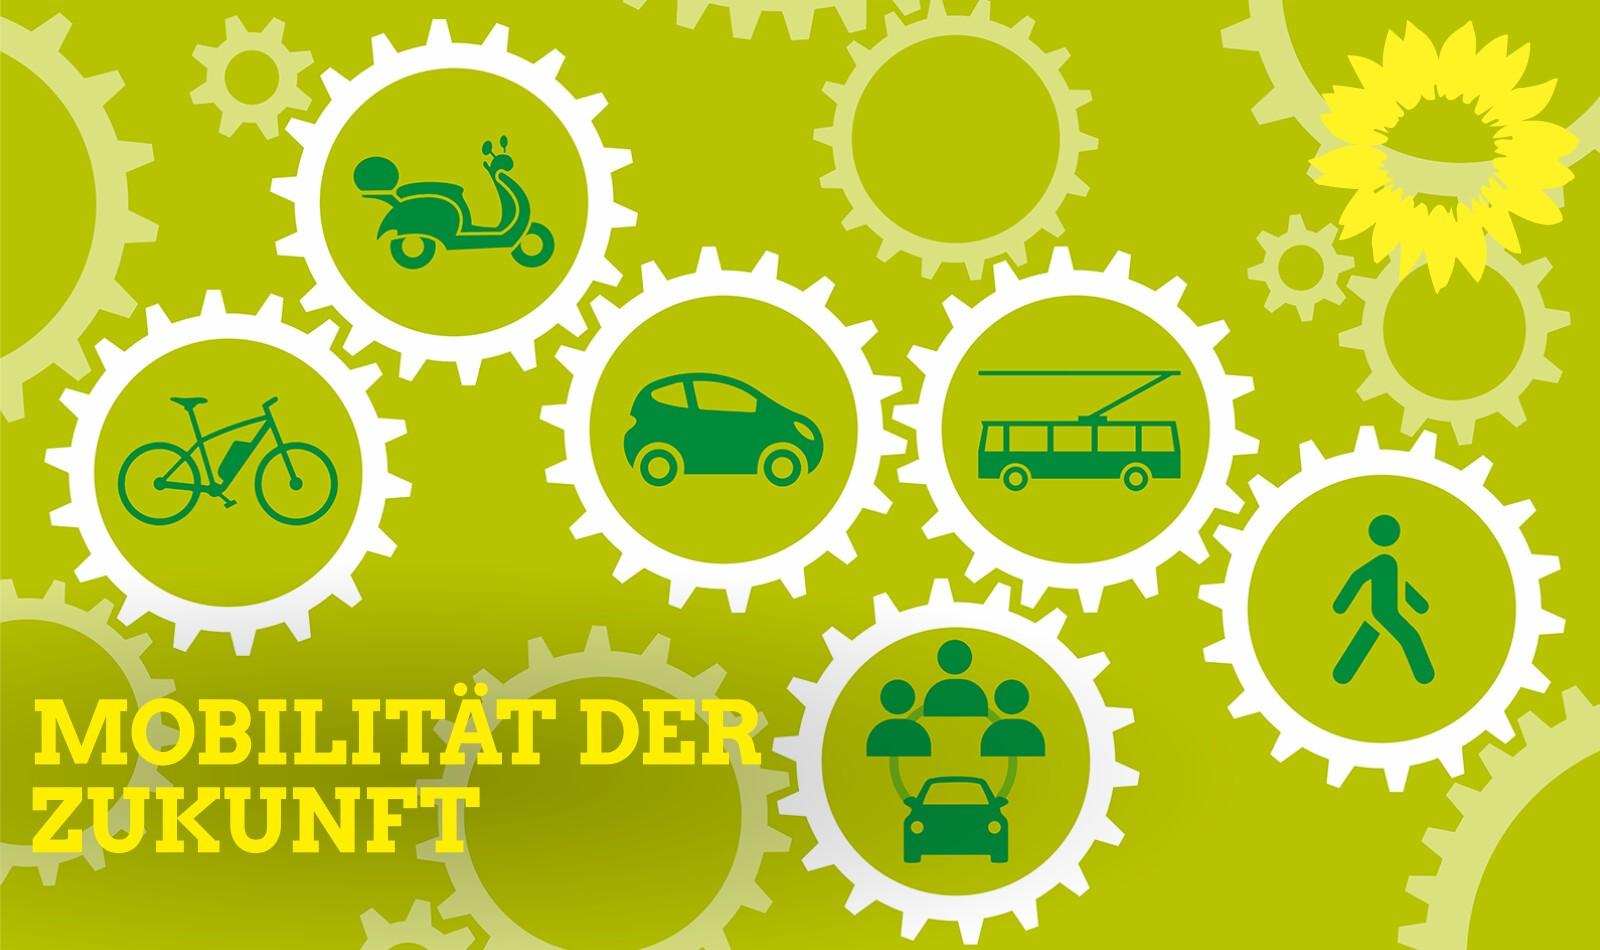 Digitaler Talk zum Thema Mobilität der Zukunft